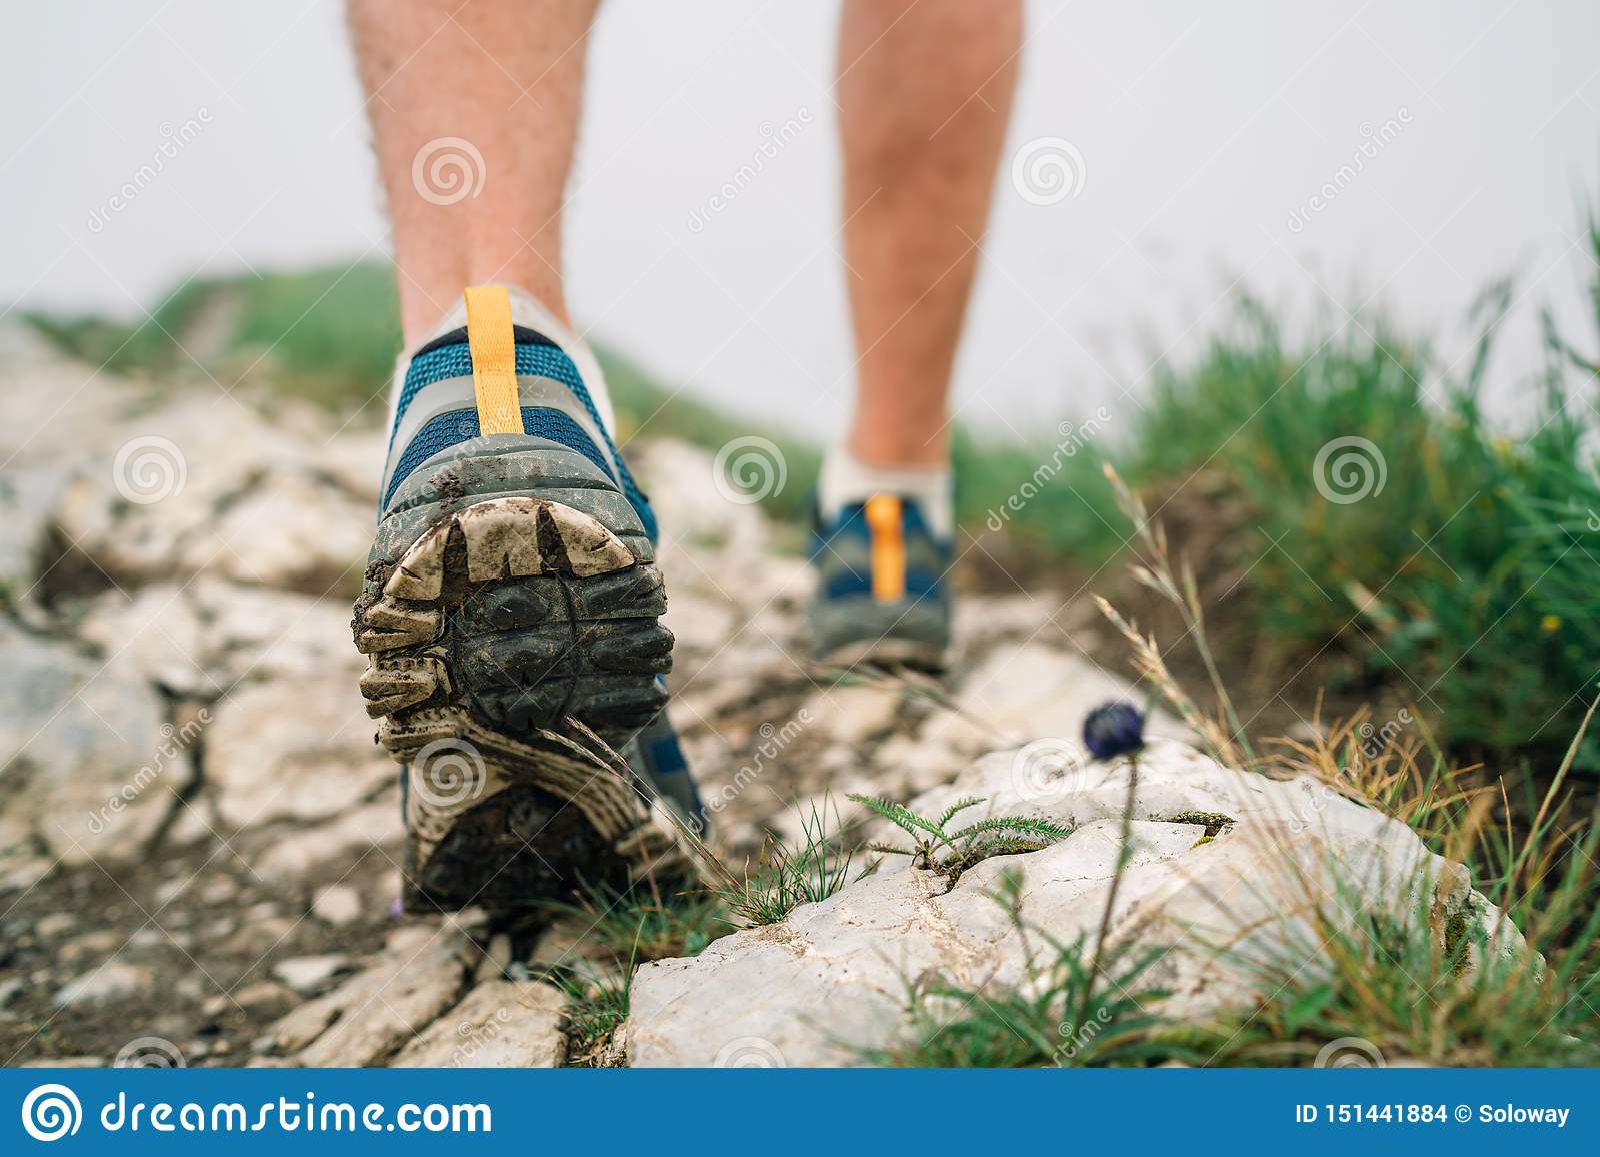 Fine sui piedi del viaggiatore di immagine negli stivali di trekking sul percorso roccioso della montagna ad ora legale